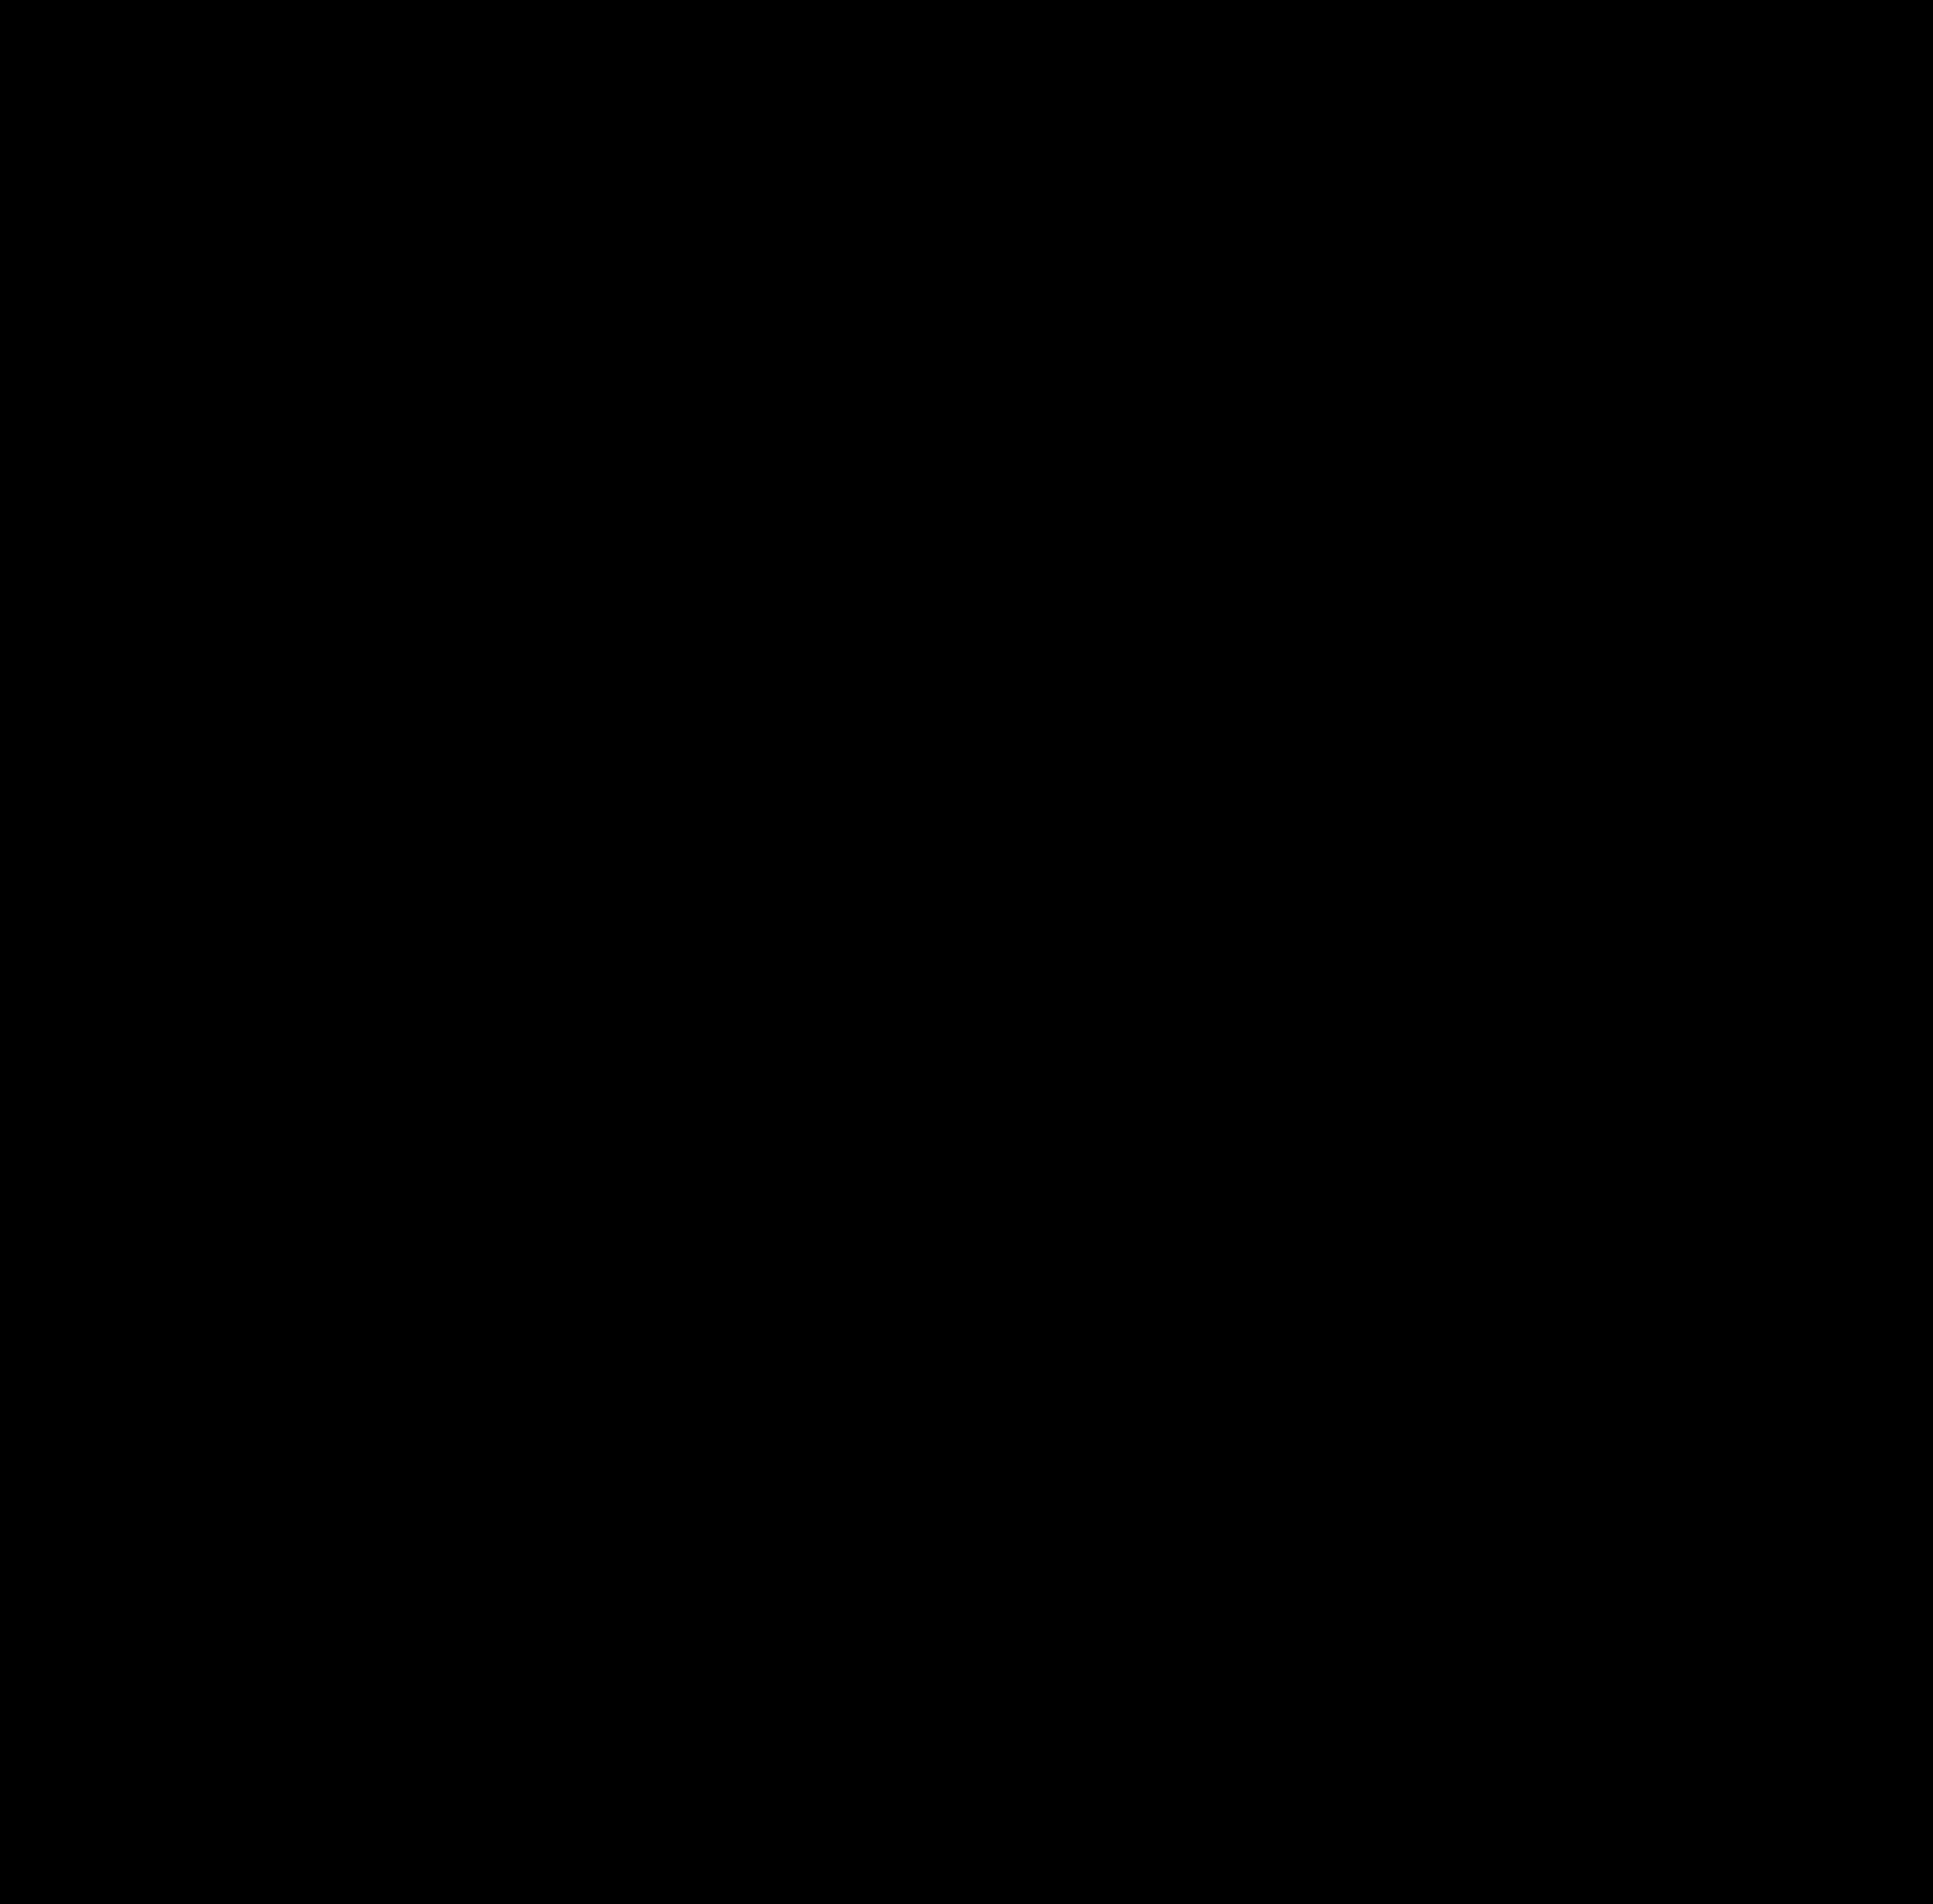 Formation Professionnelle à Avignon – CJFormation Formations professionnelles intra & inter-entreprises reconnues